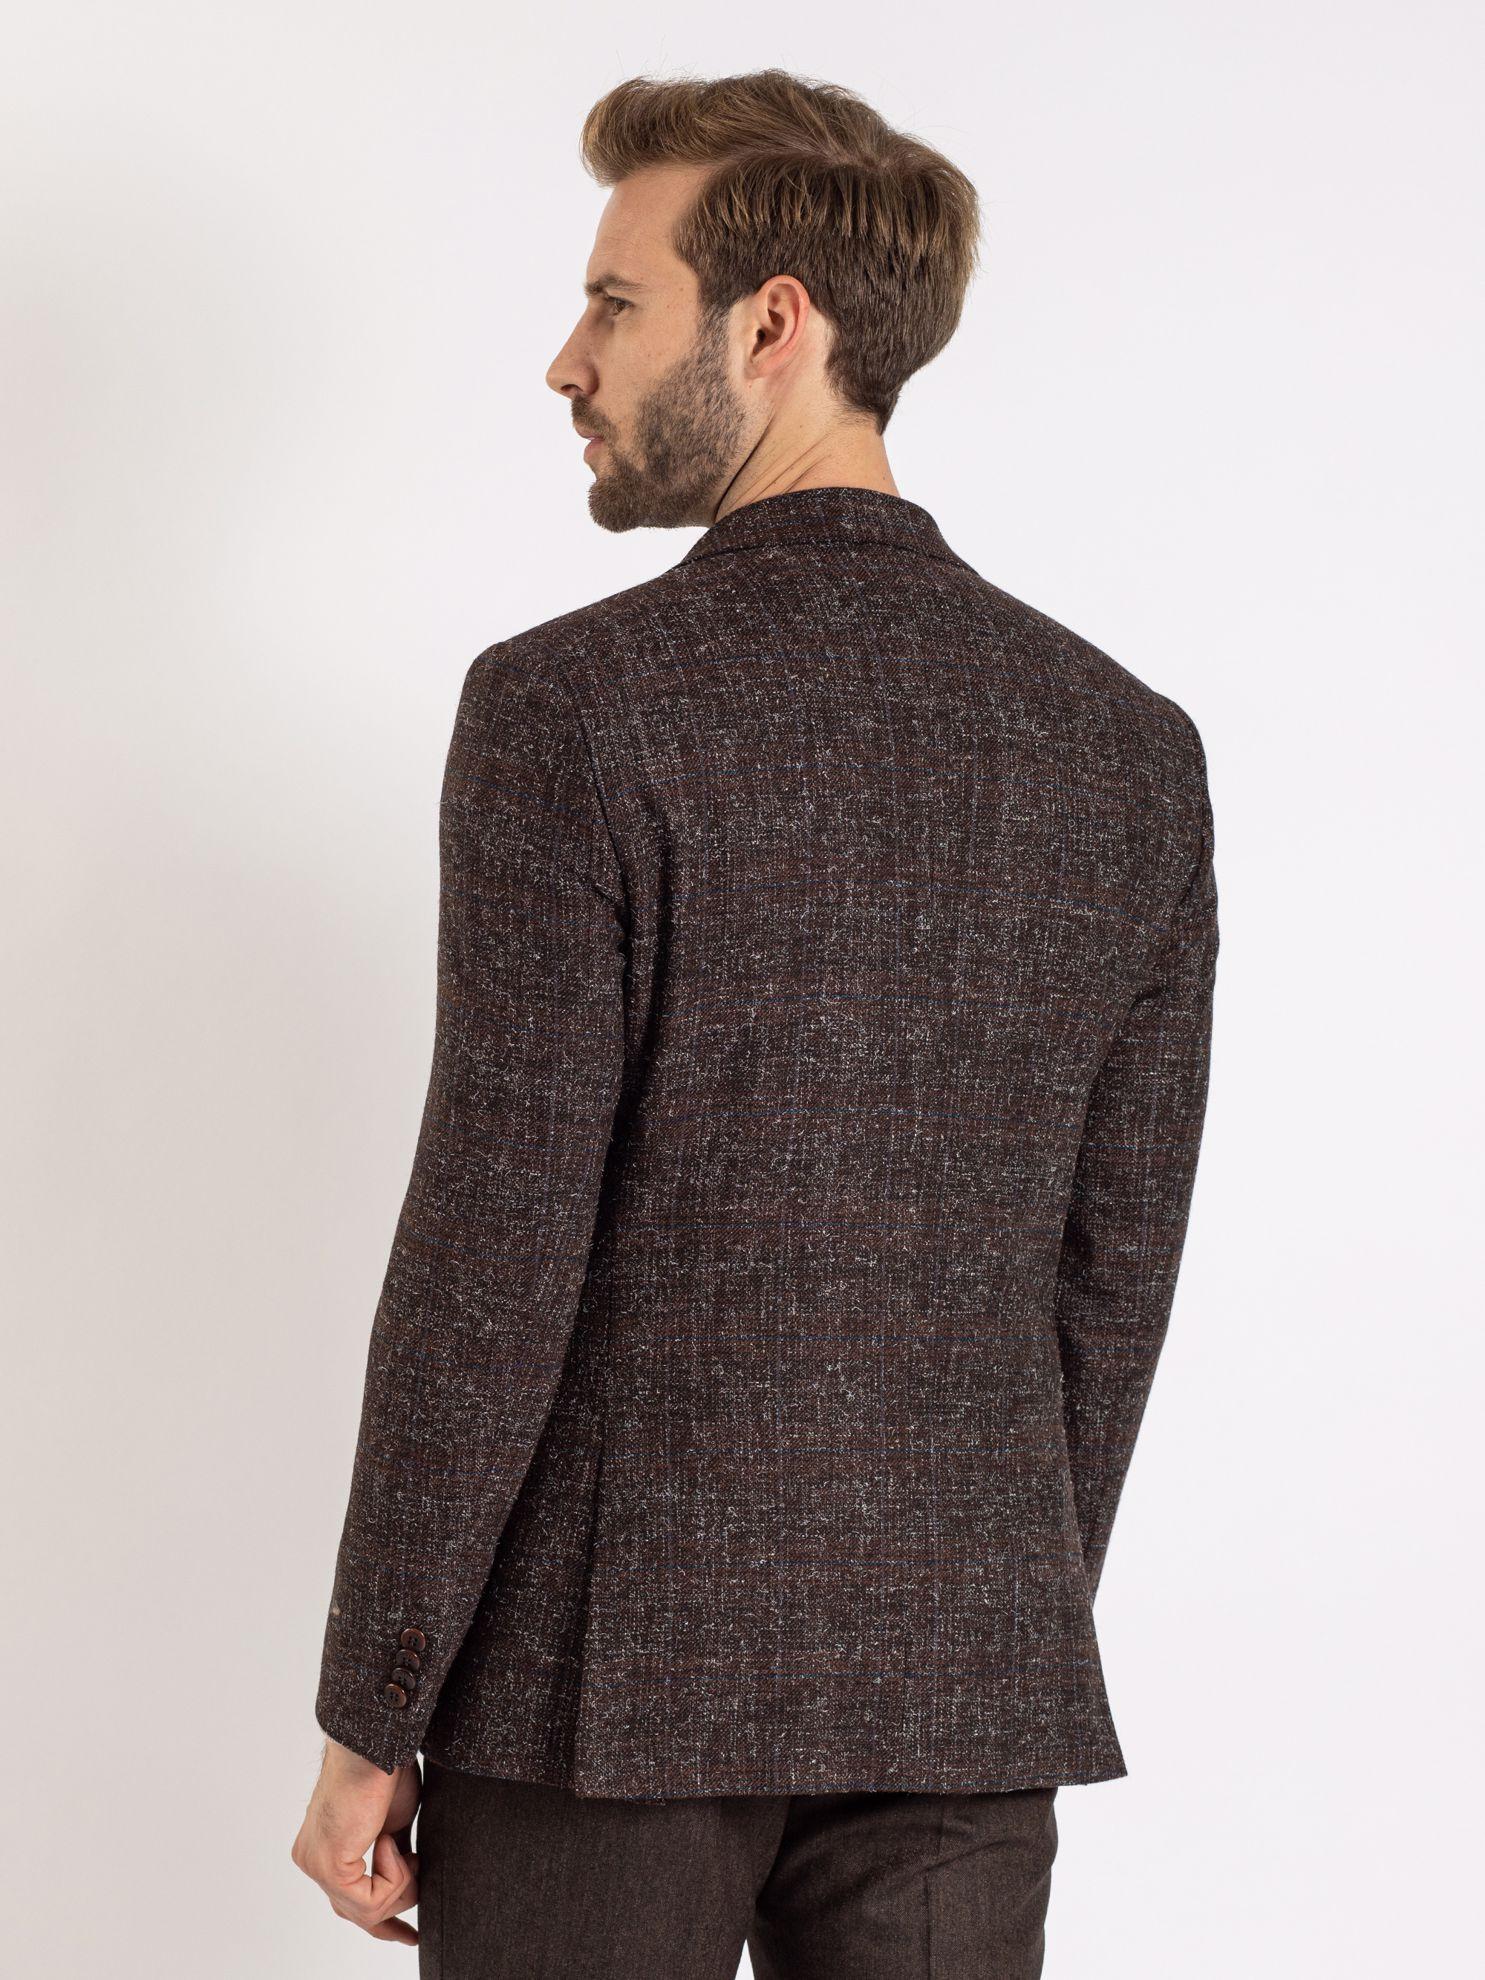 Toss Erkek 6 Drop Ceket-Kahverengi. ürün görseli